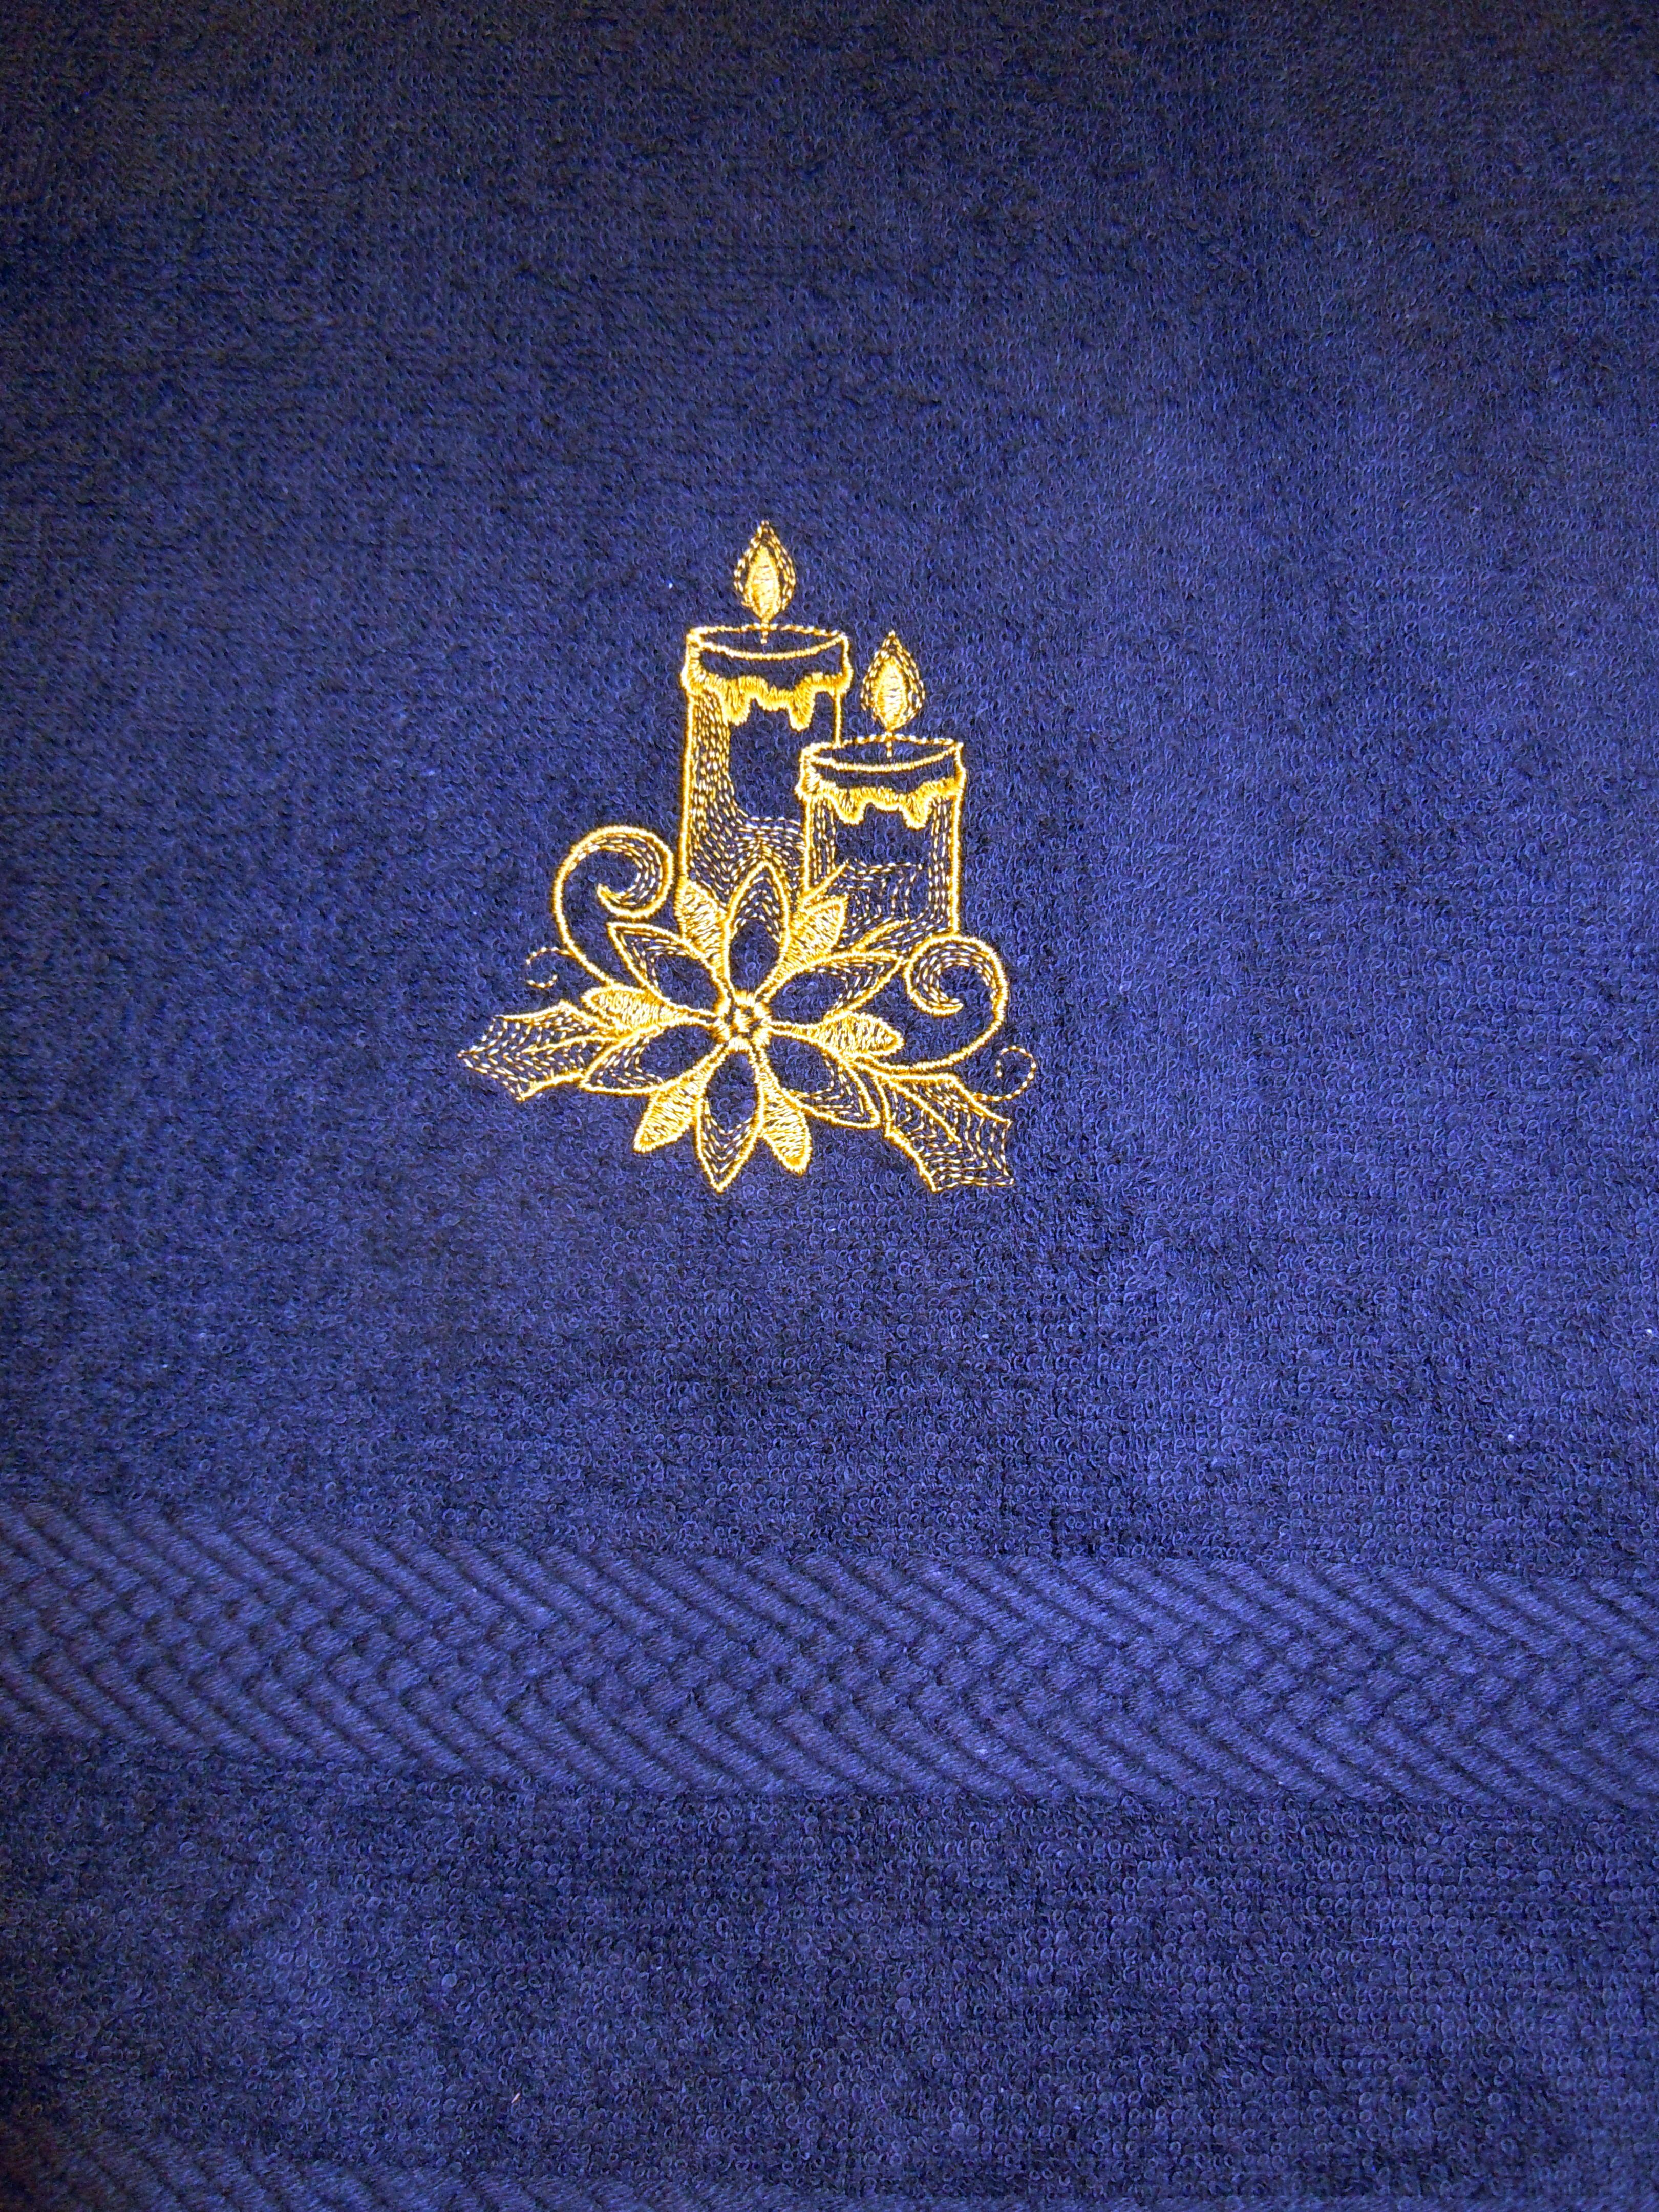 Handduk Brodyr med Julmotiv - Domestic Present   Brodyr 6f4c7a5735e8b